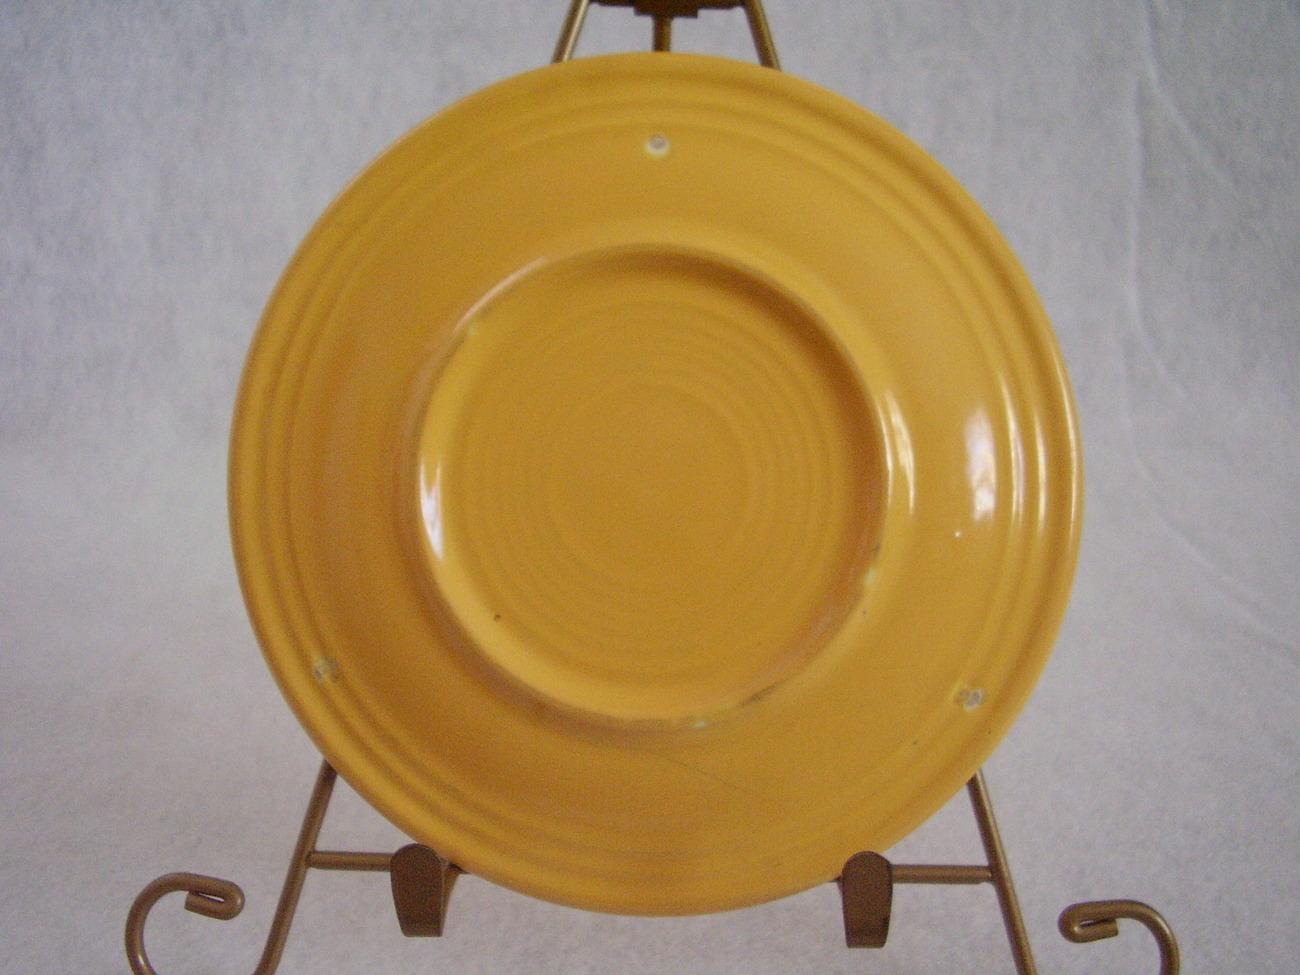 Vintage Fiestaware Yellow Bread Butter Plate Fiesta  D